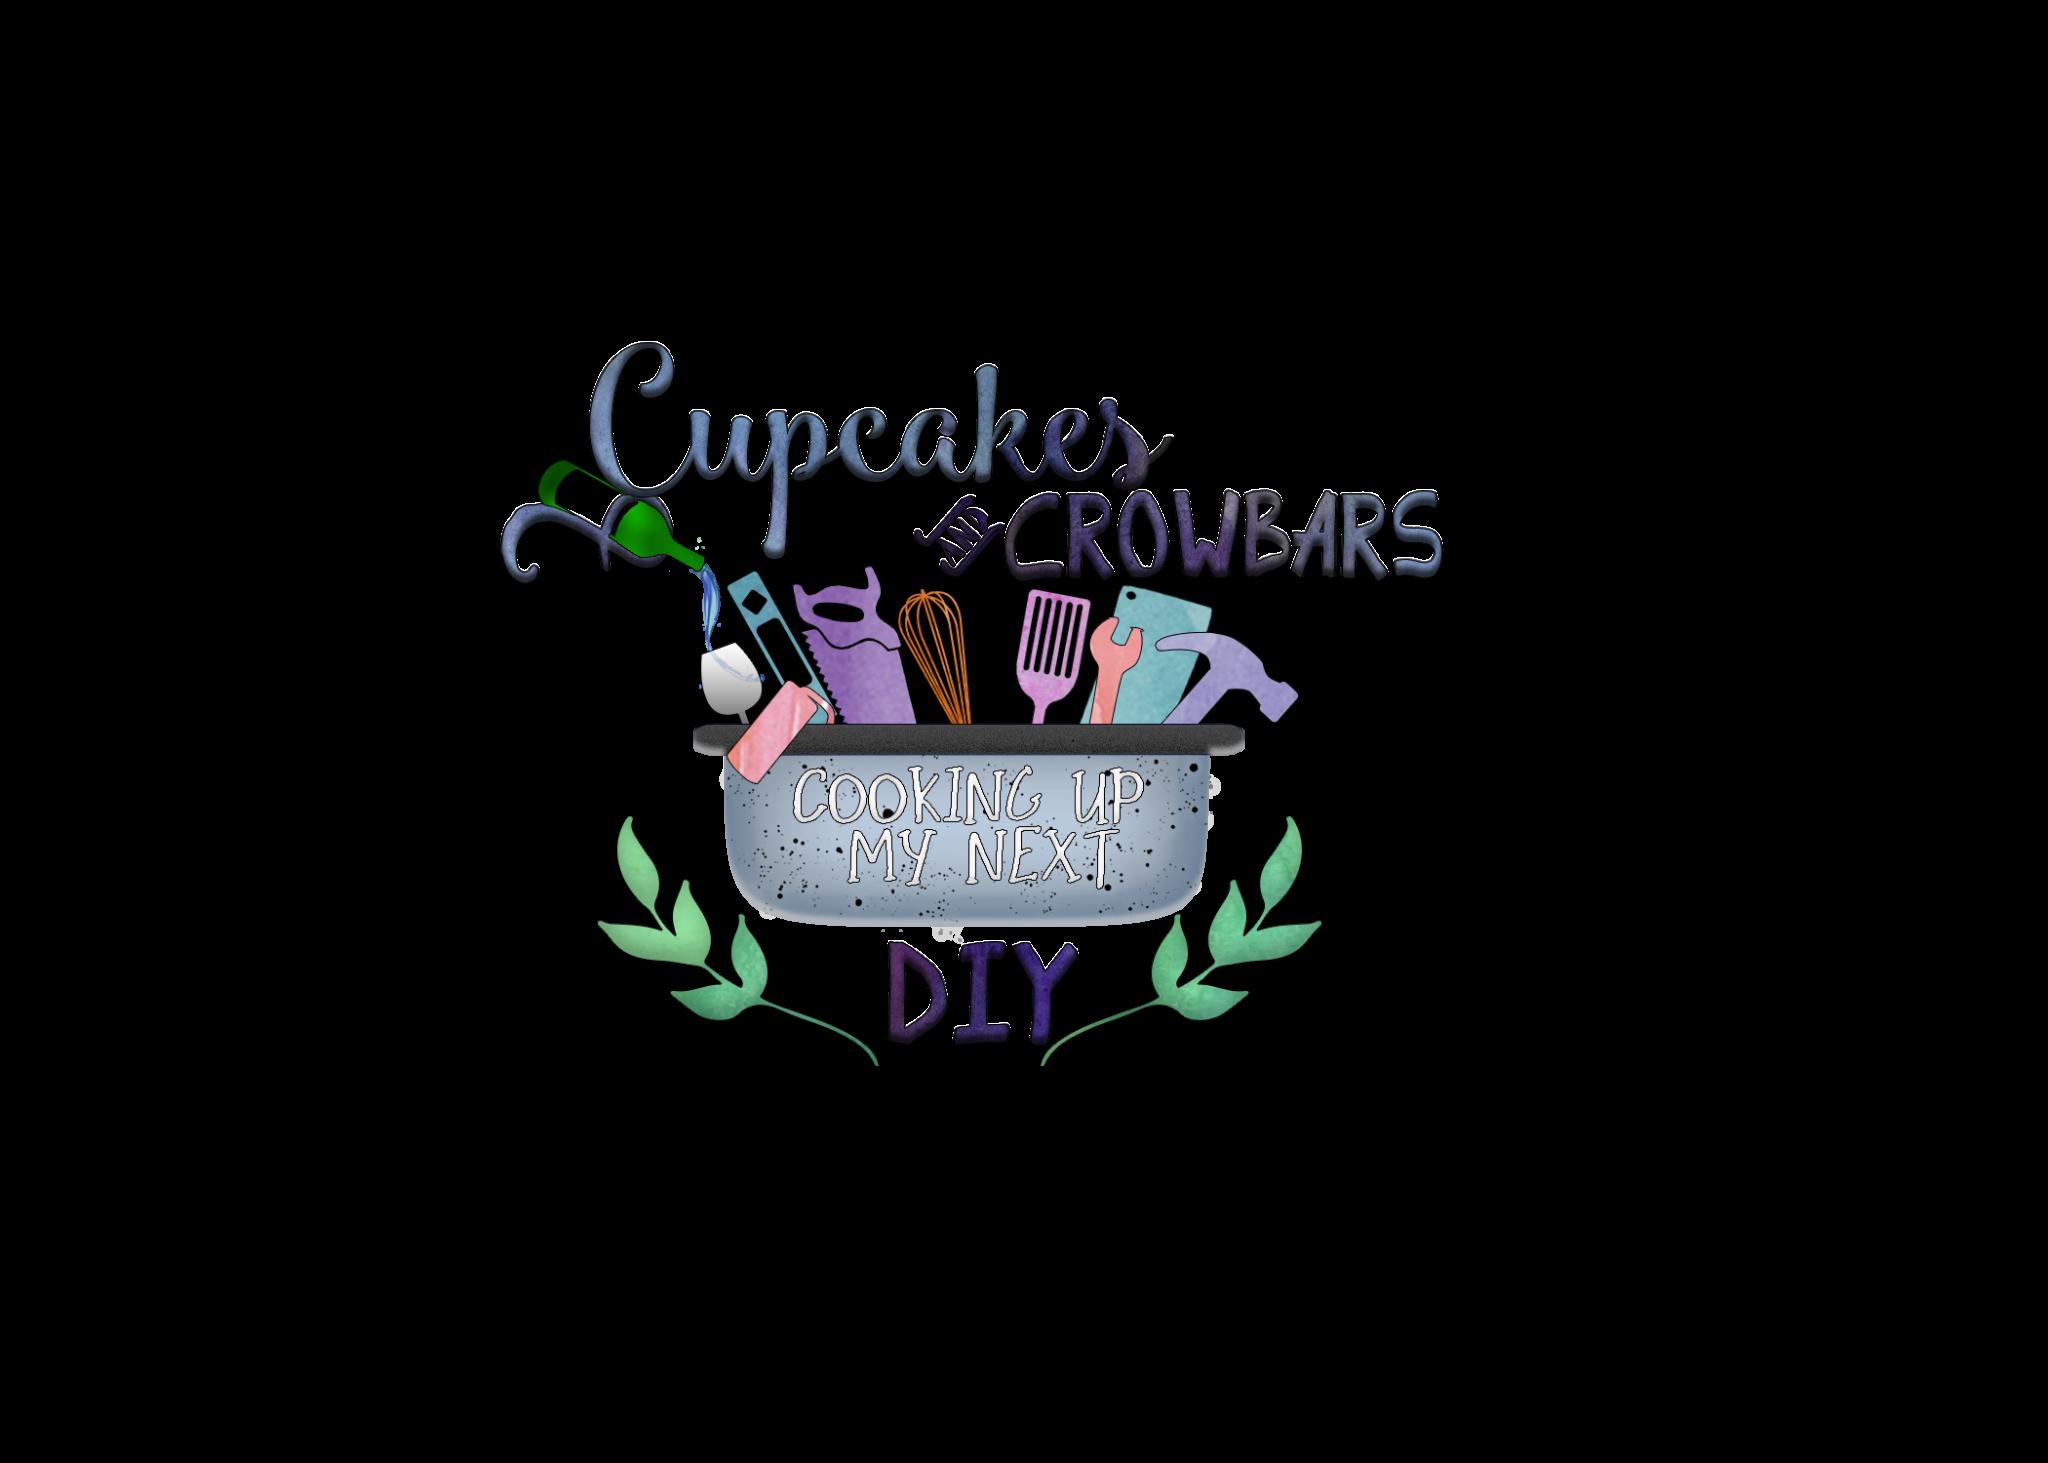 Cupcakes&Crowbars